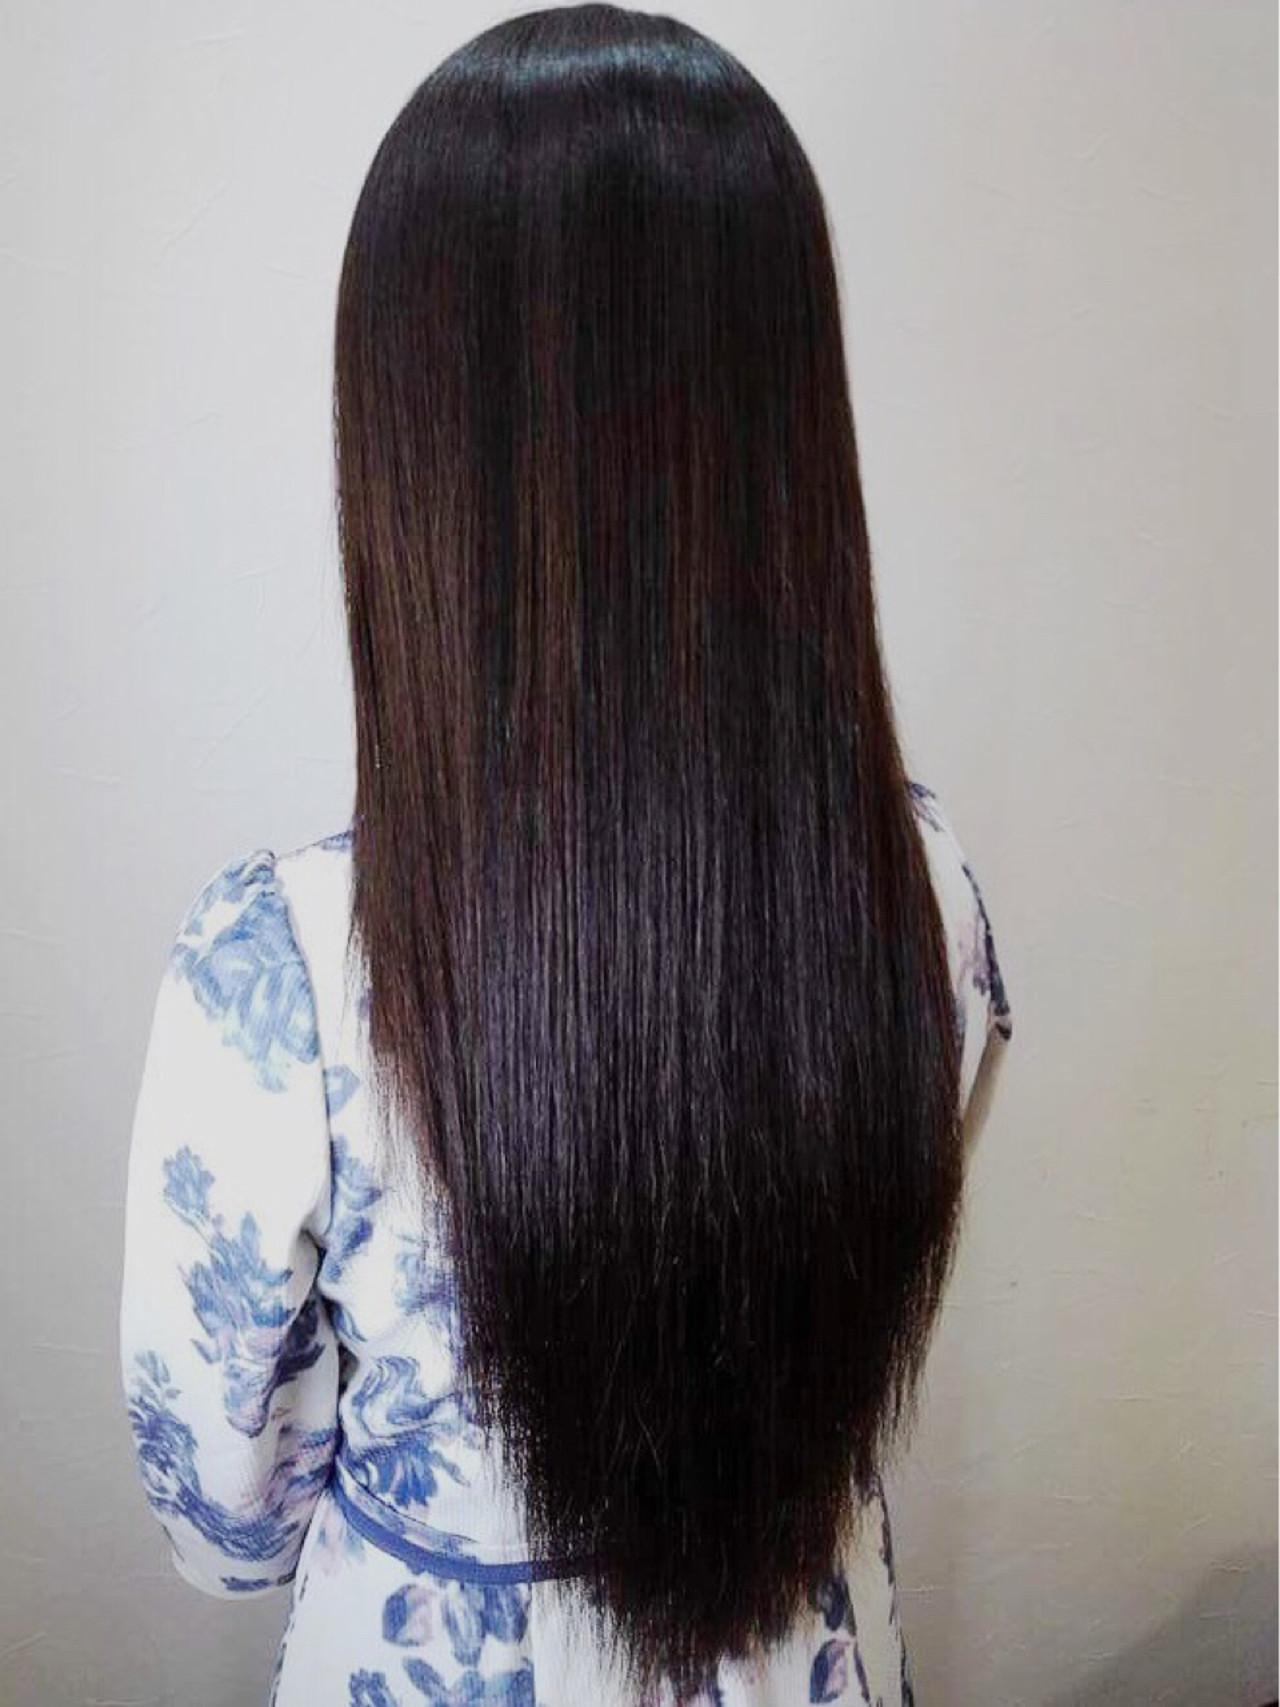 髪ツヤでモテる髪型つくり☆黒髪ストレートロング miyuki.o